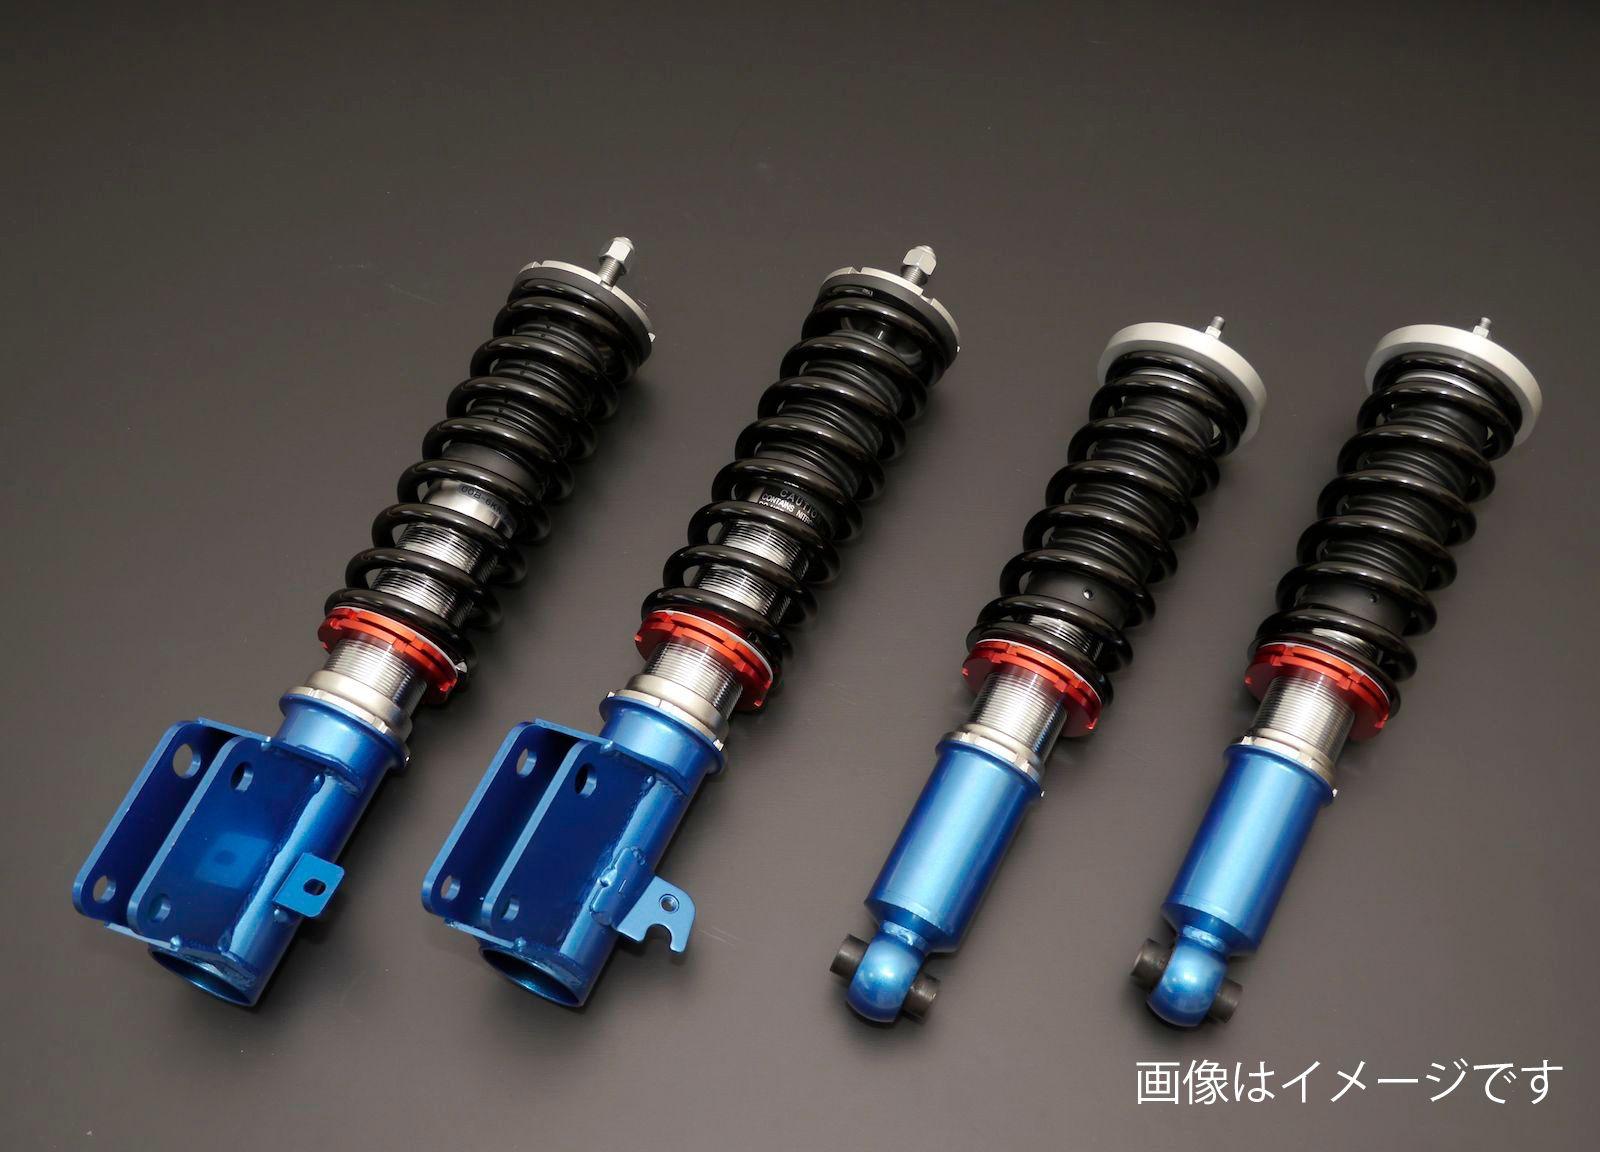 CUSCO(クスコ) 車高調キット street ZERO トヨタ スープラ JZA80 1993.5-2002.7 商品番号:164 61P CN